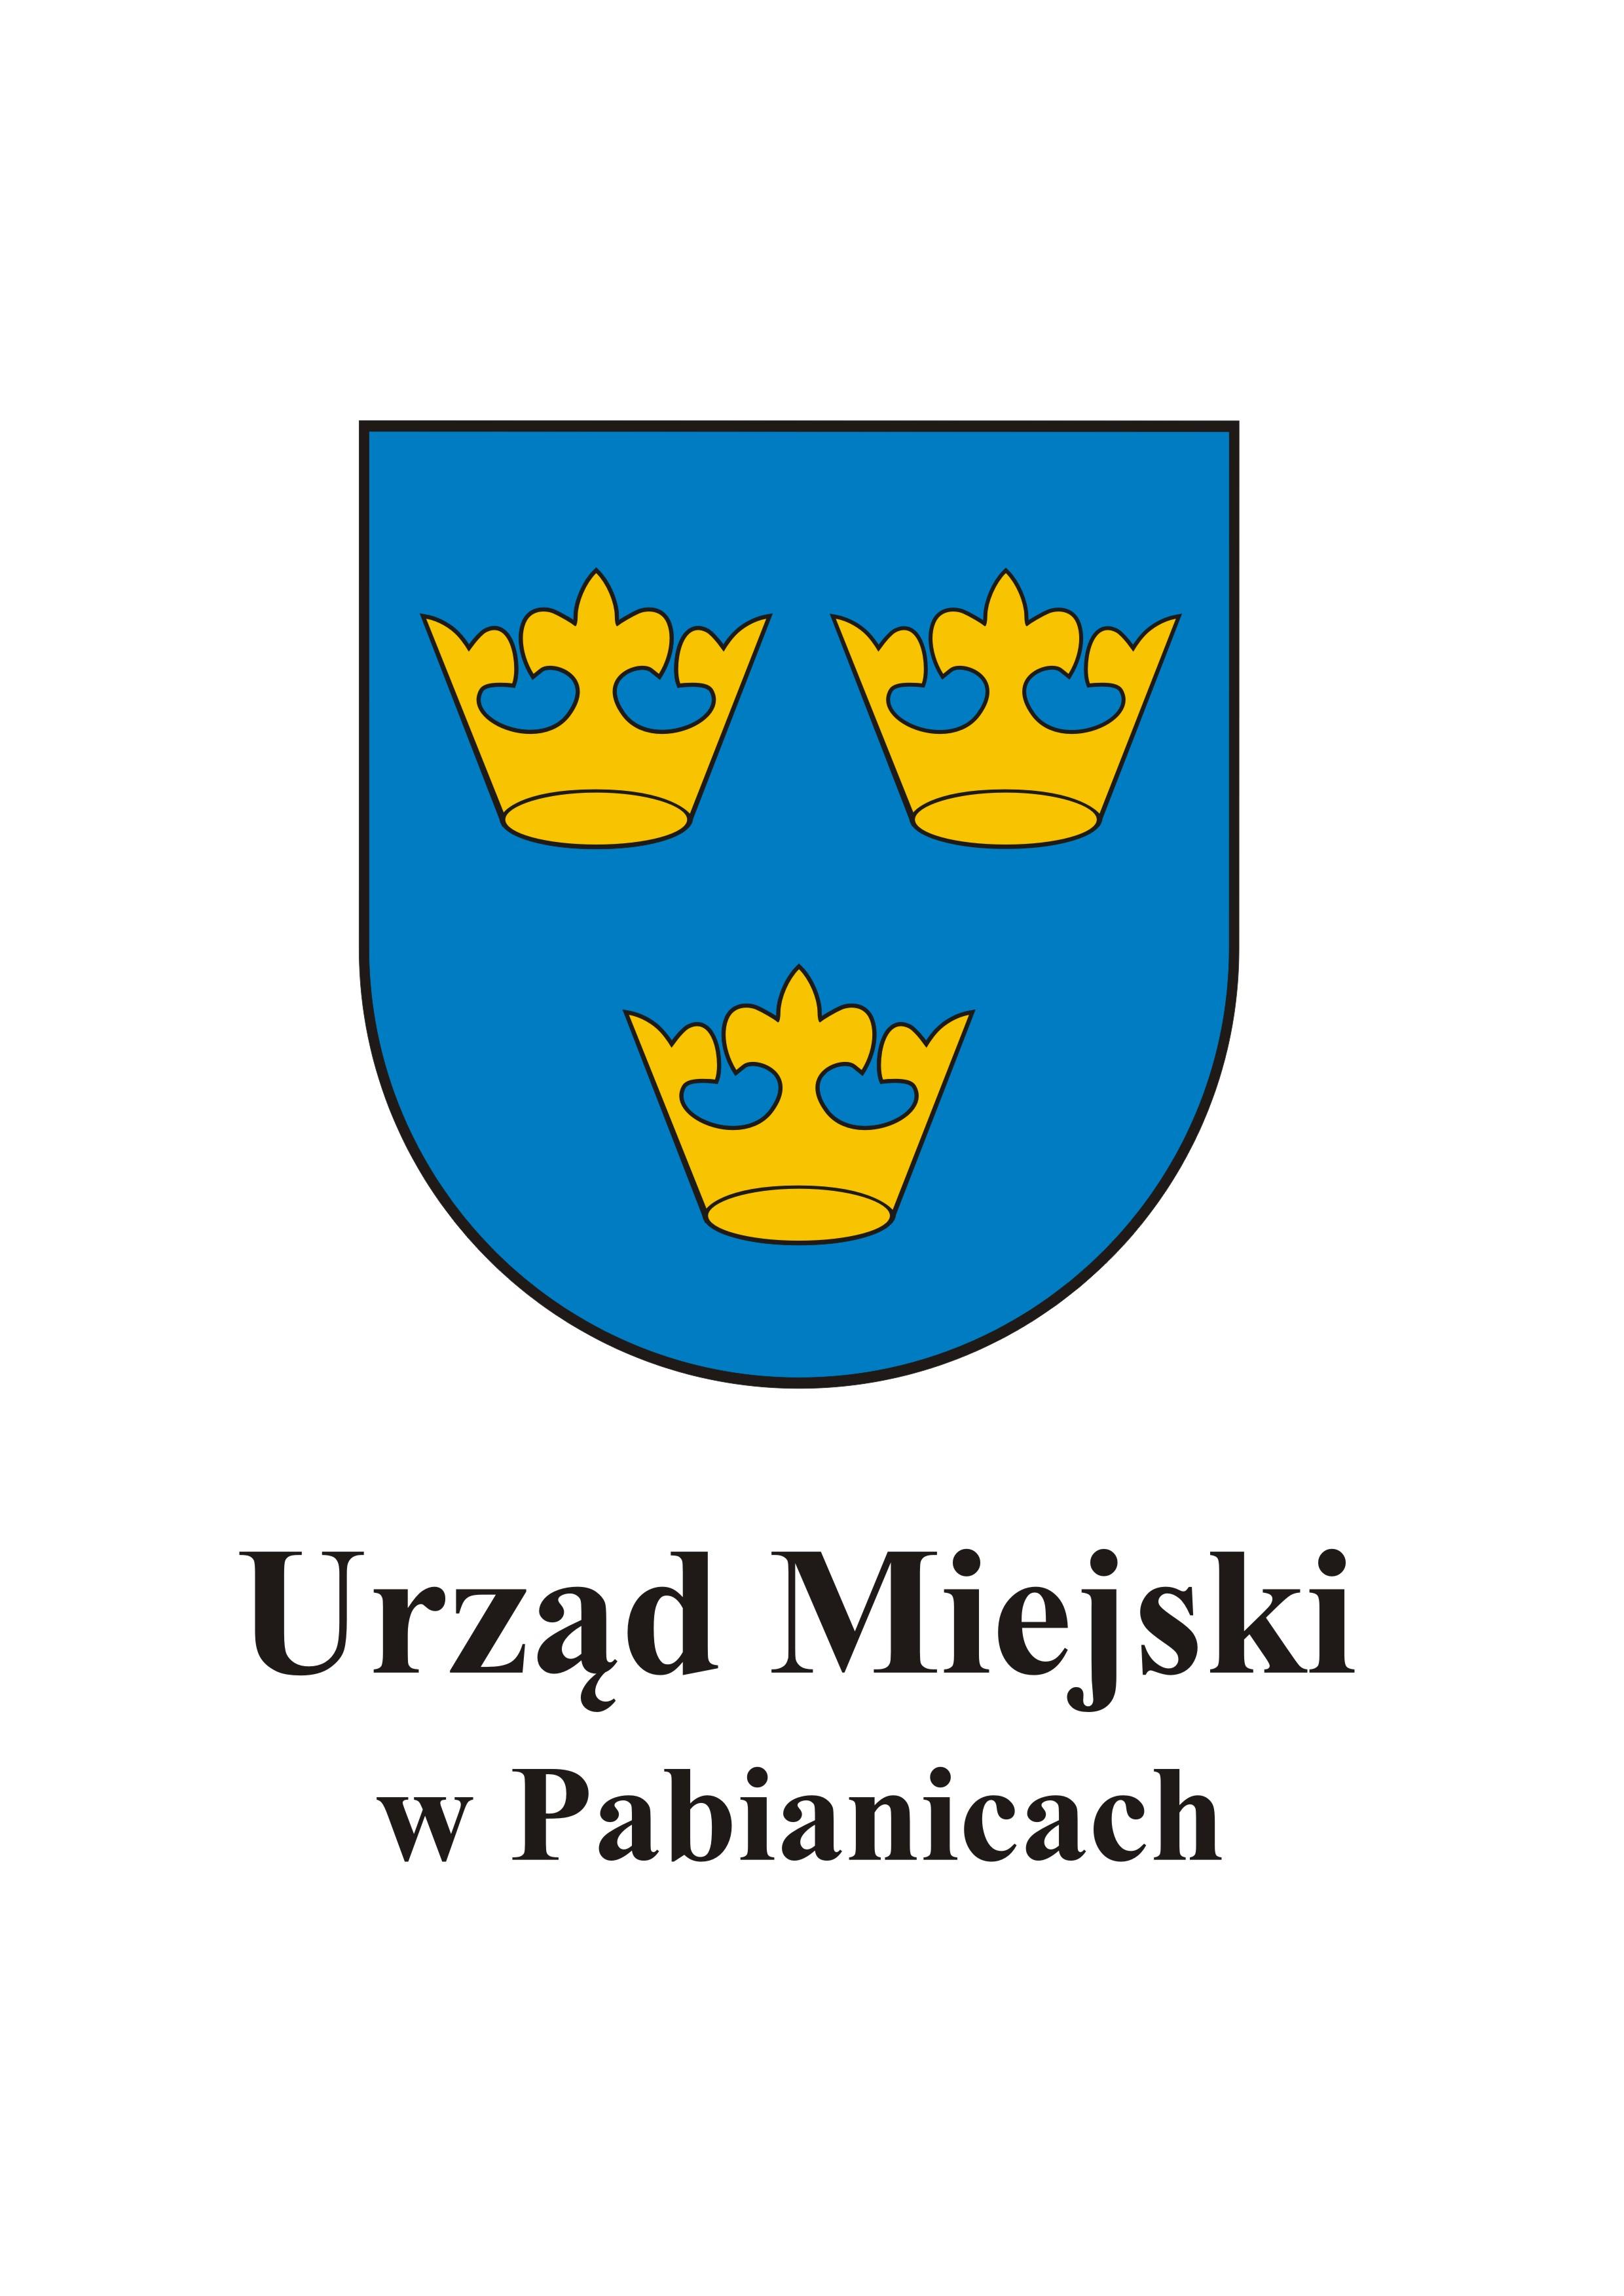 Urząd miasta Pabianic